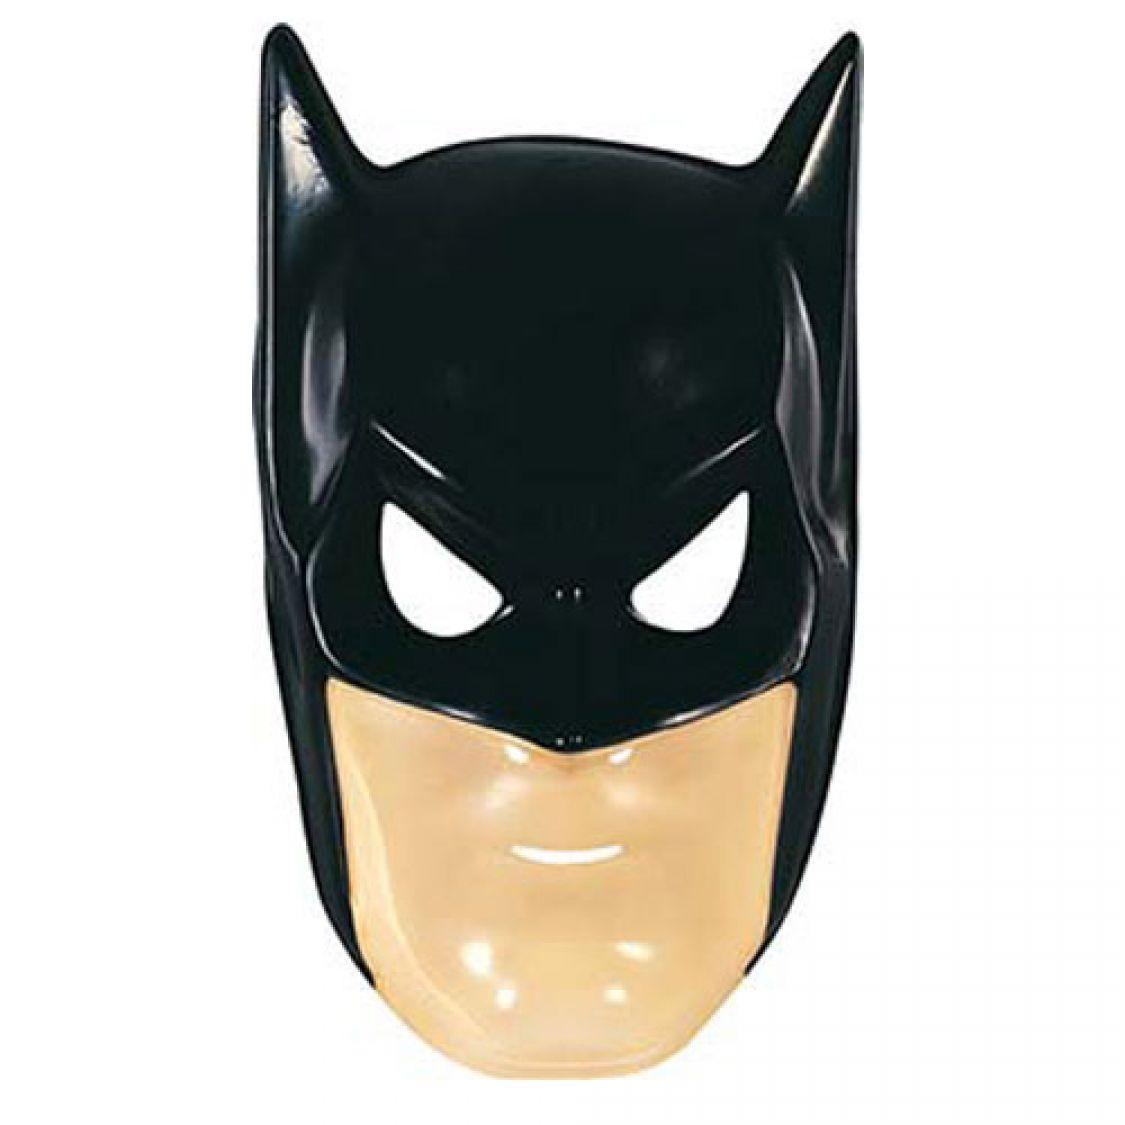 magasin en ligne vêtements de sport de performance nouveau style de vie Masque Batman rigide enfant